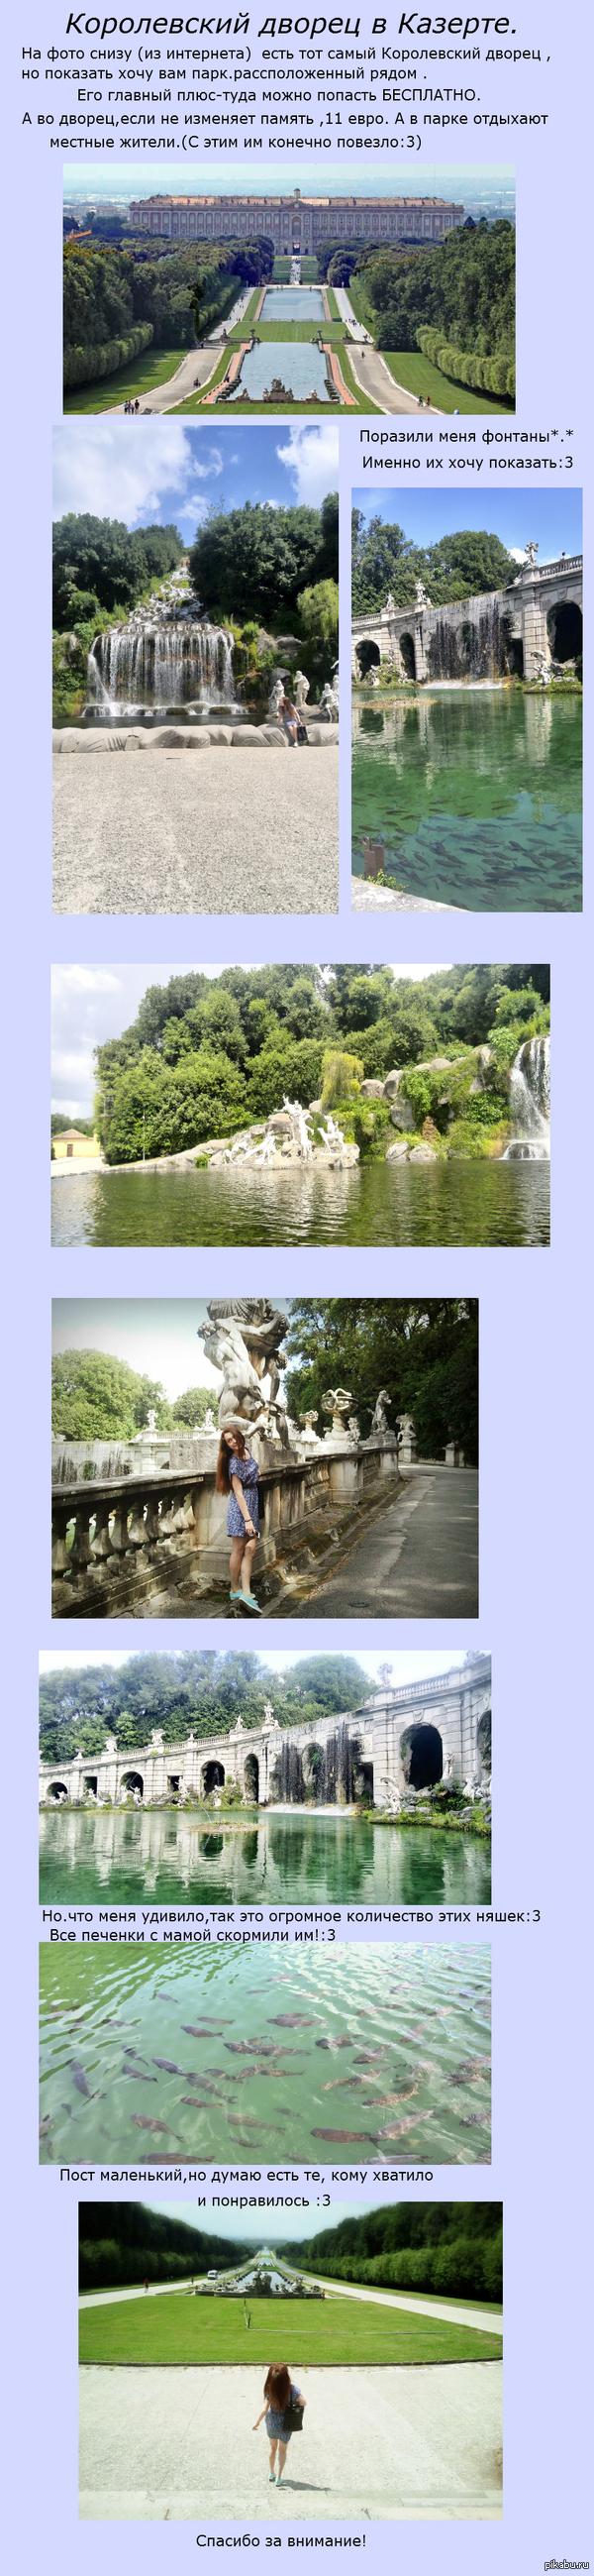 Чуть Италии. Мама и я,живя в неаполе,решили потратить день и съездить в Королевский дворец в Казерте,но больше всего мне понравился запомнился парк)